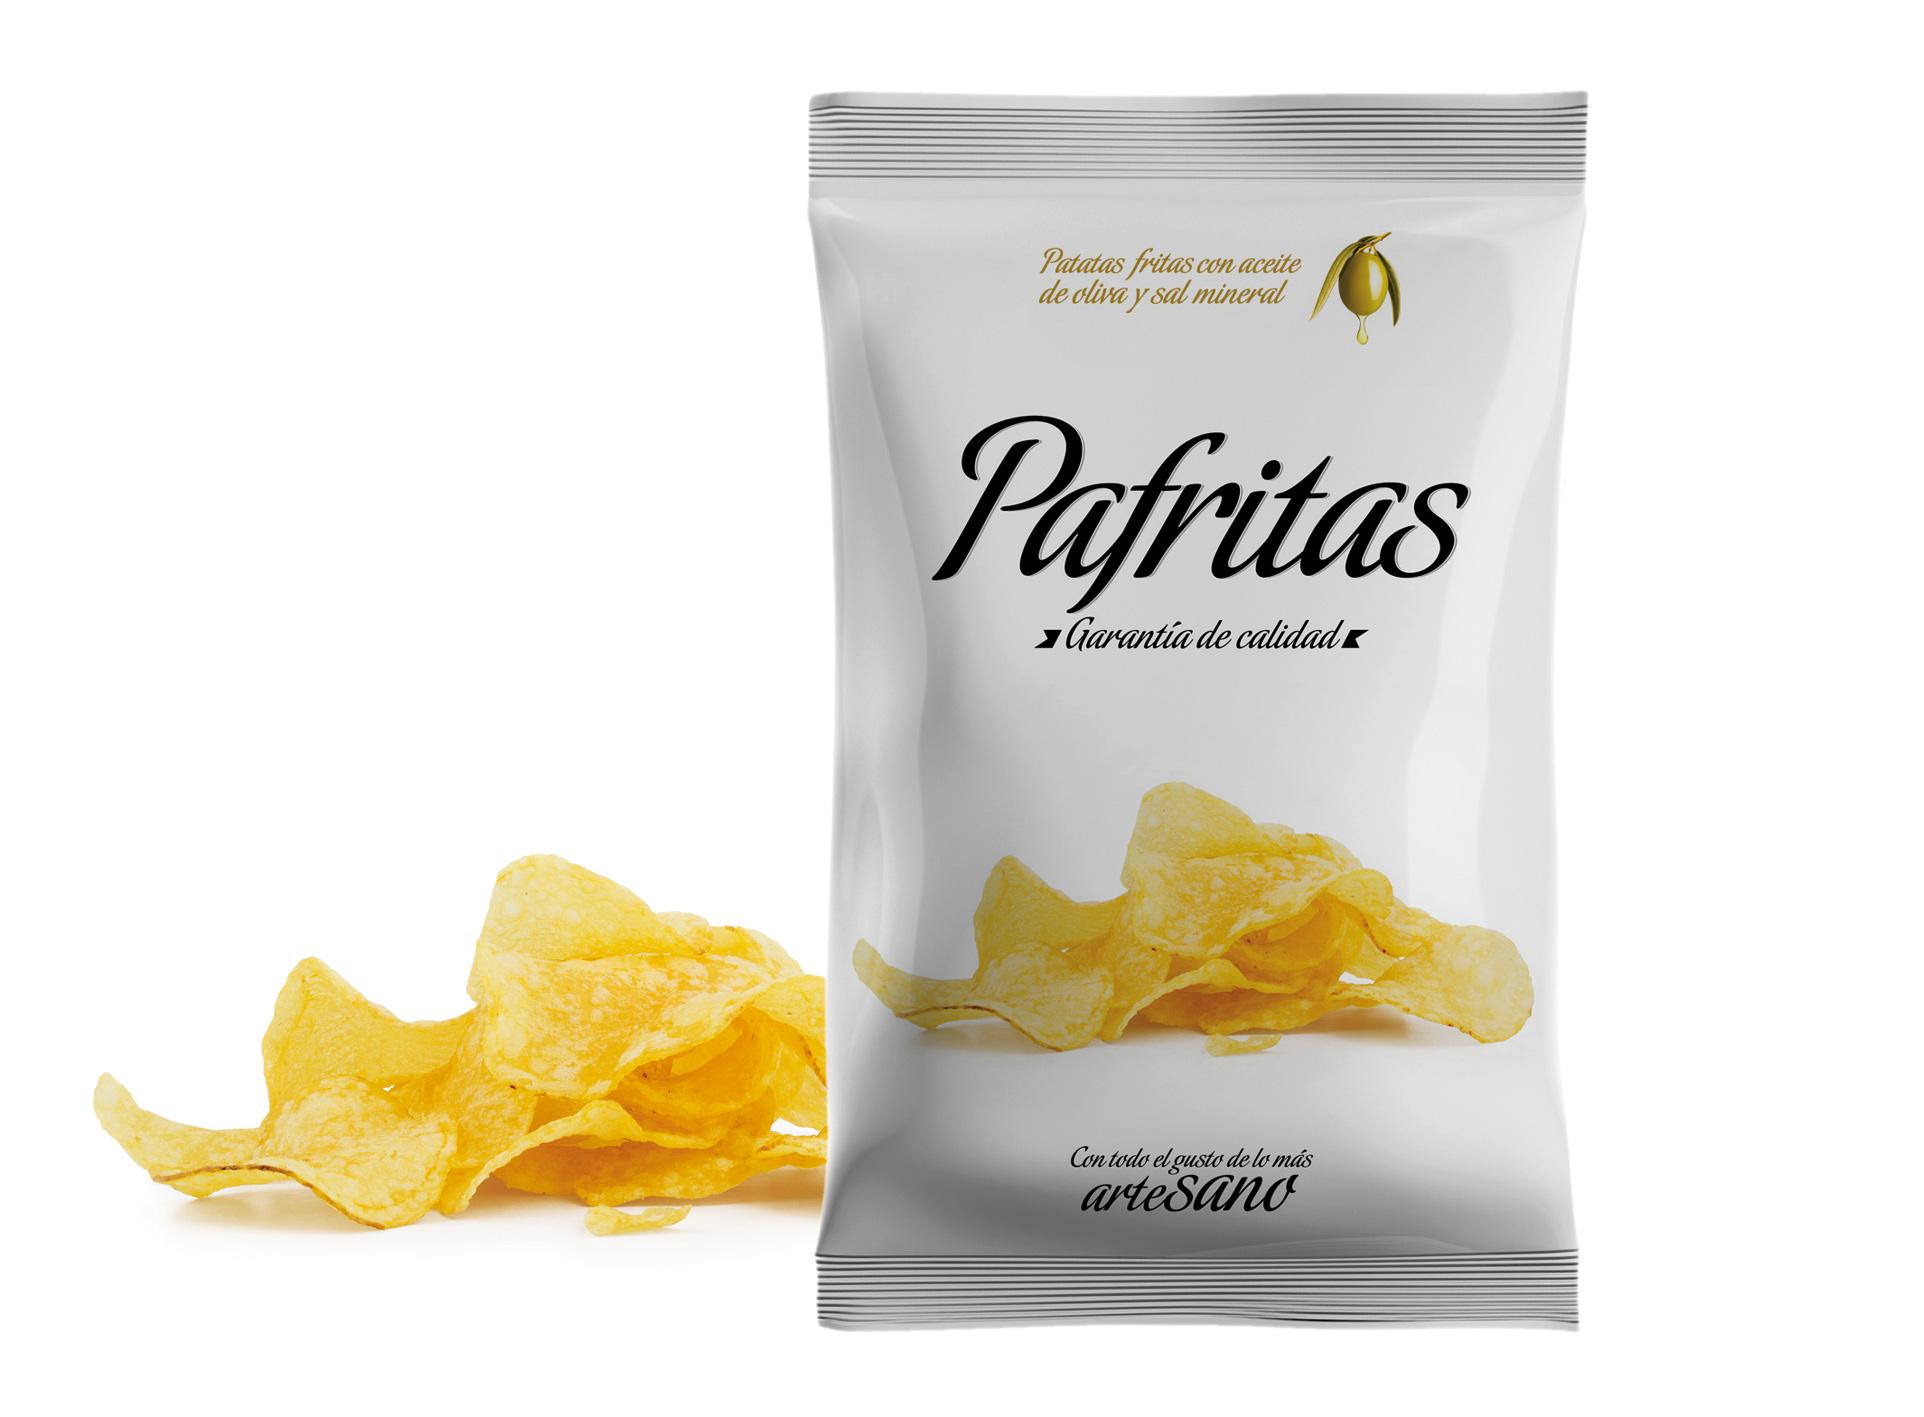 Pafritas_Gourmet_140_grs_Patatas_Fritas_Artesanas_Navarrete_La_Rioja